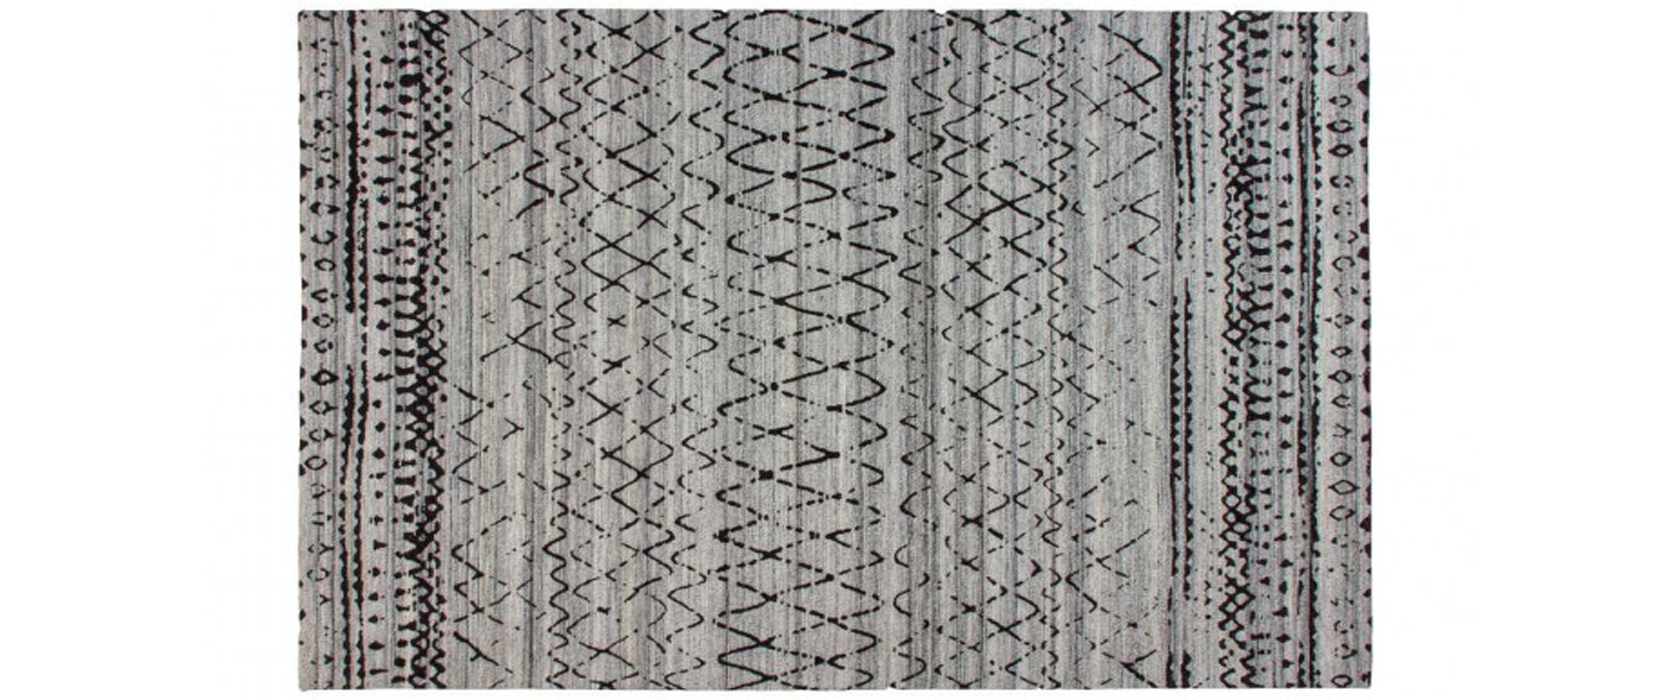 Ковер Phoenix 113 Nature/Grey 160х230 см - Pufetto